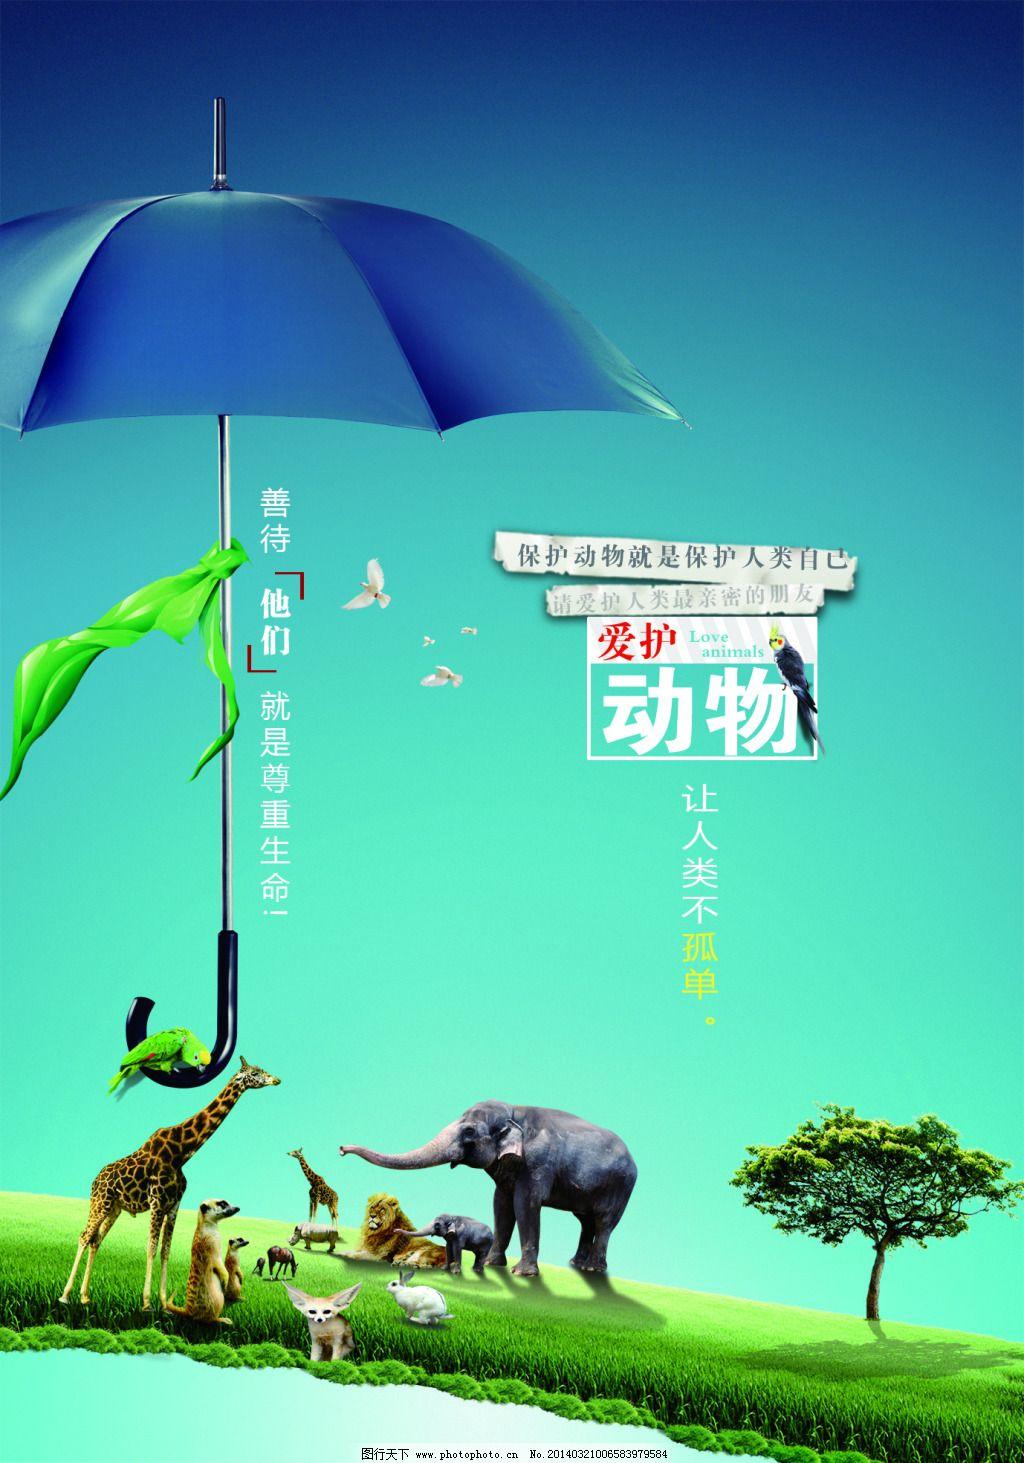 爱护动物 爱护动物免费下载 公益 海报 环保公益海报